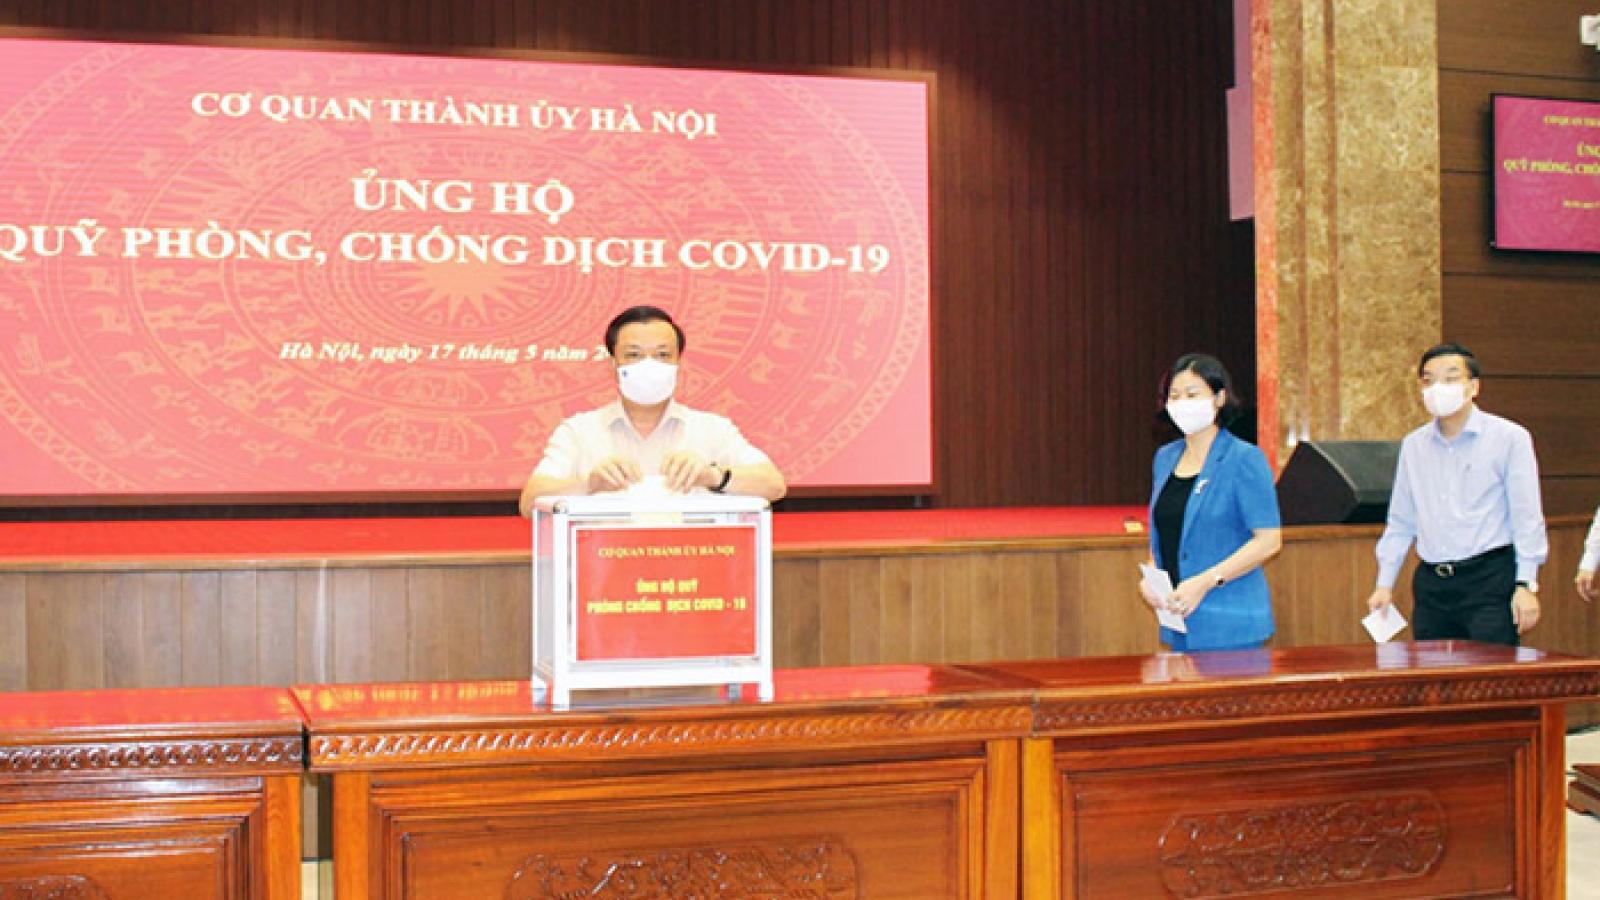 """Bí thư Thành ủy Hà Nội: """"Chung sức, đồng lòng"""" vì mục tiêu tạo miễn dịch cộng đồng"""